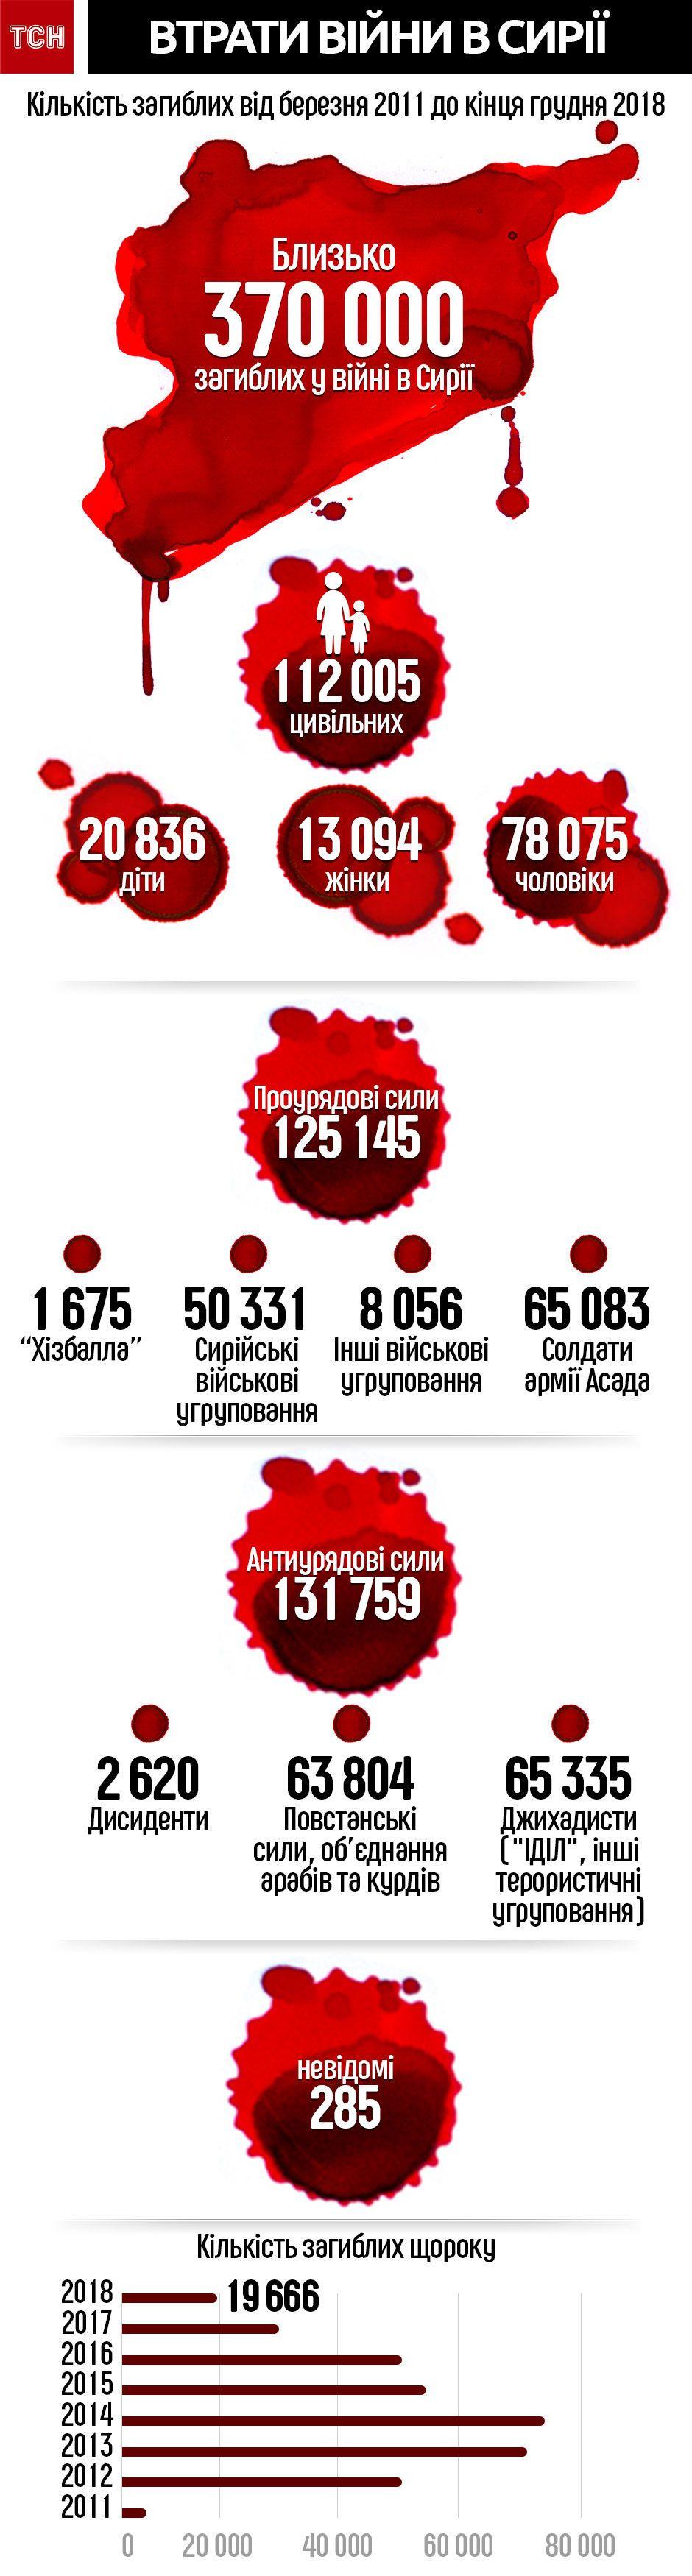 Кількість загиблих у Сирії протягом війни. Інфографіка